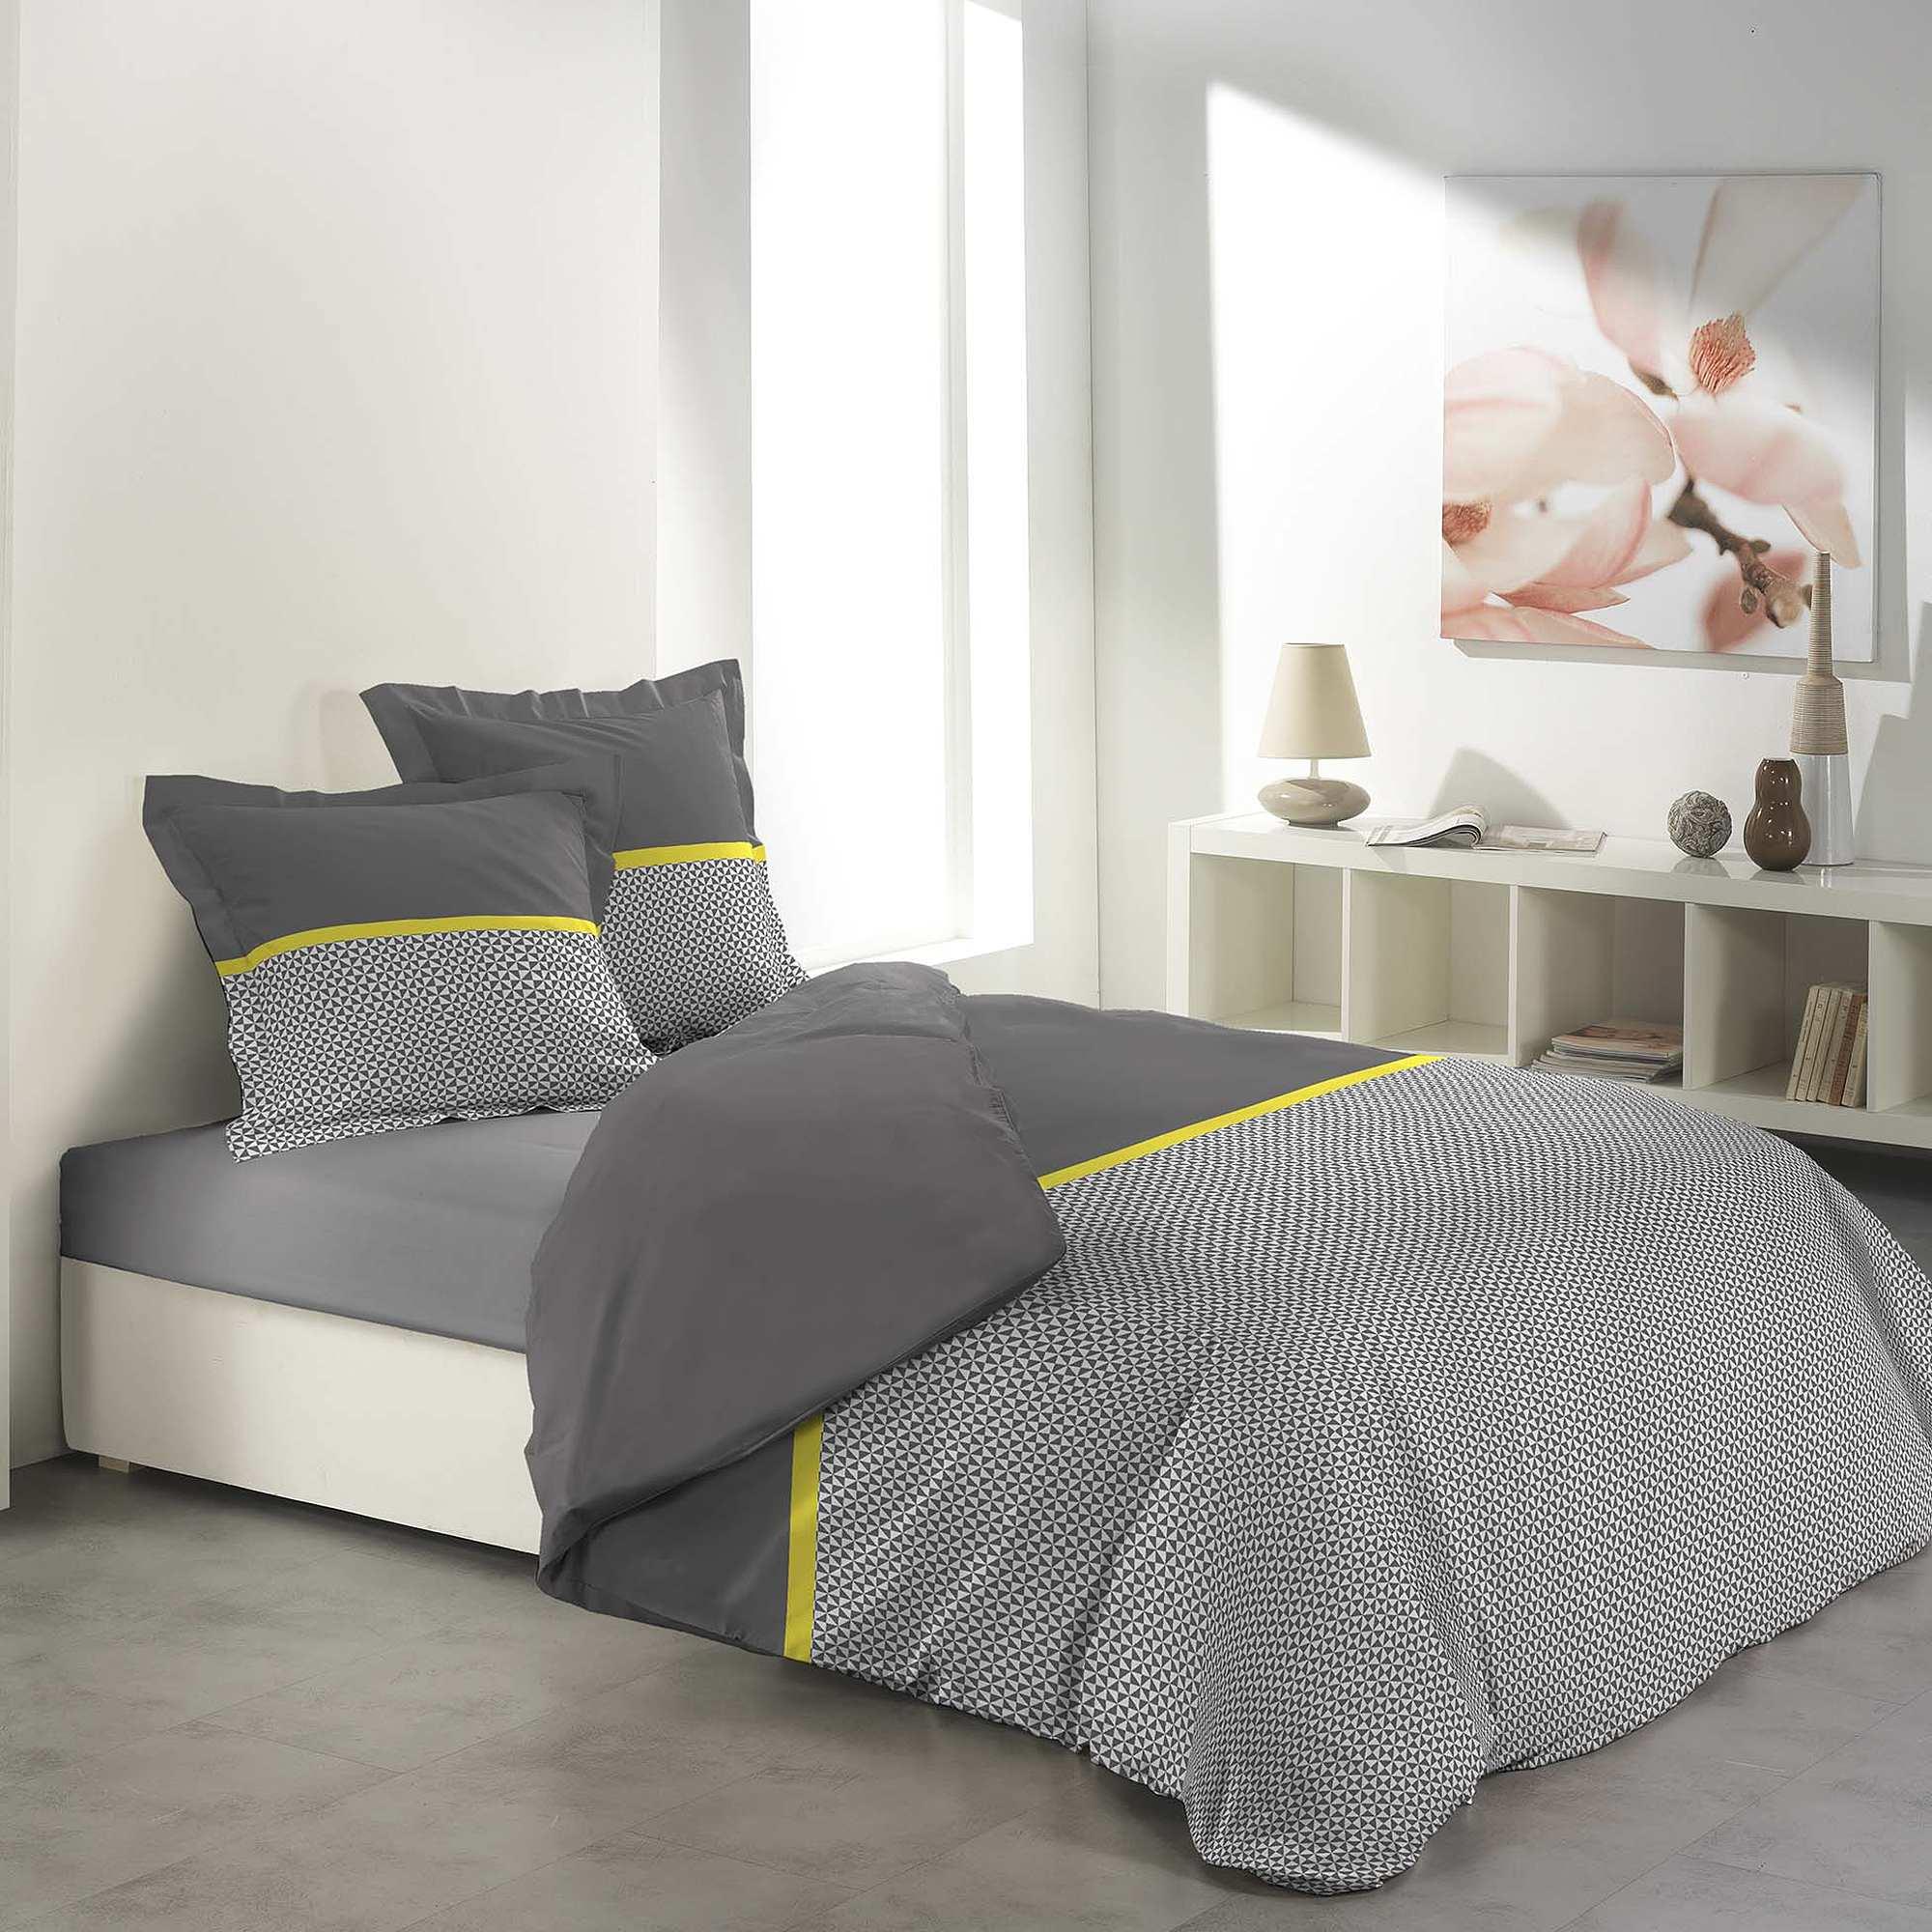 parure de lit 2 personnes imprim graphique linge de lit gris blanc jaune kiabi 30 00. Black Bedroom Furniture Sets. Home Design Ideas